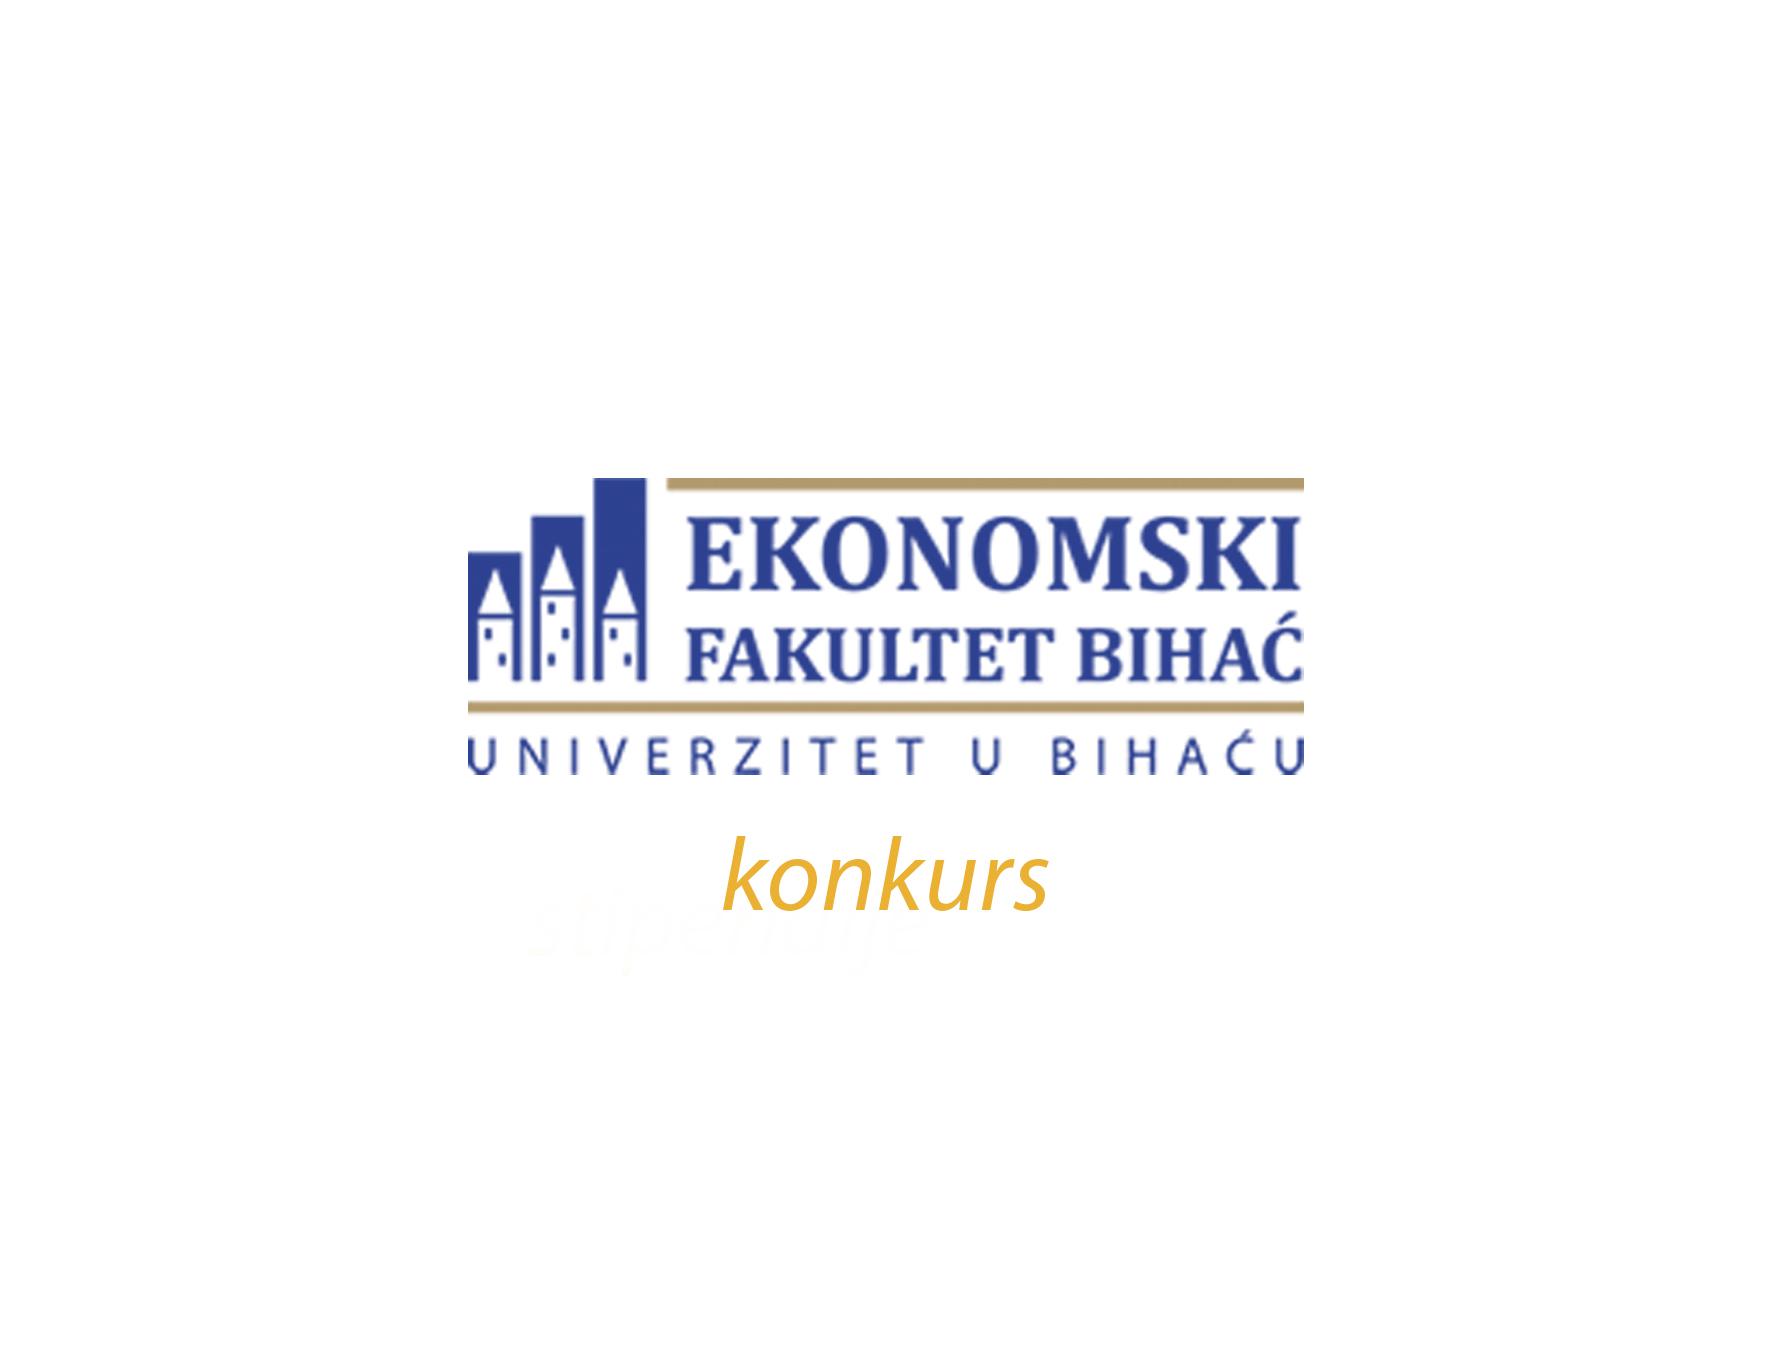 Konkursi Ekonomskog fakulteta Univerziteta u Bihaću